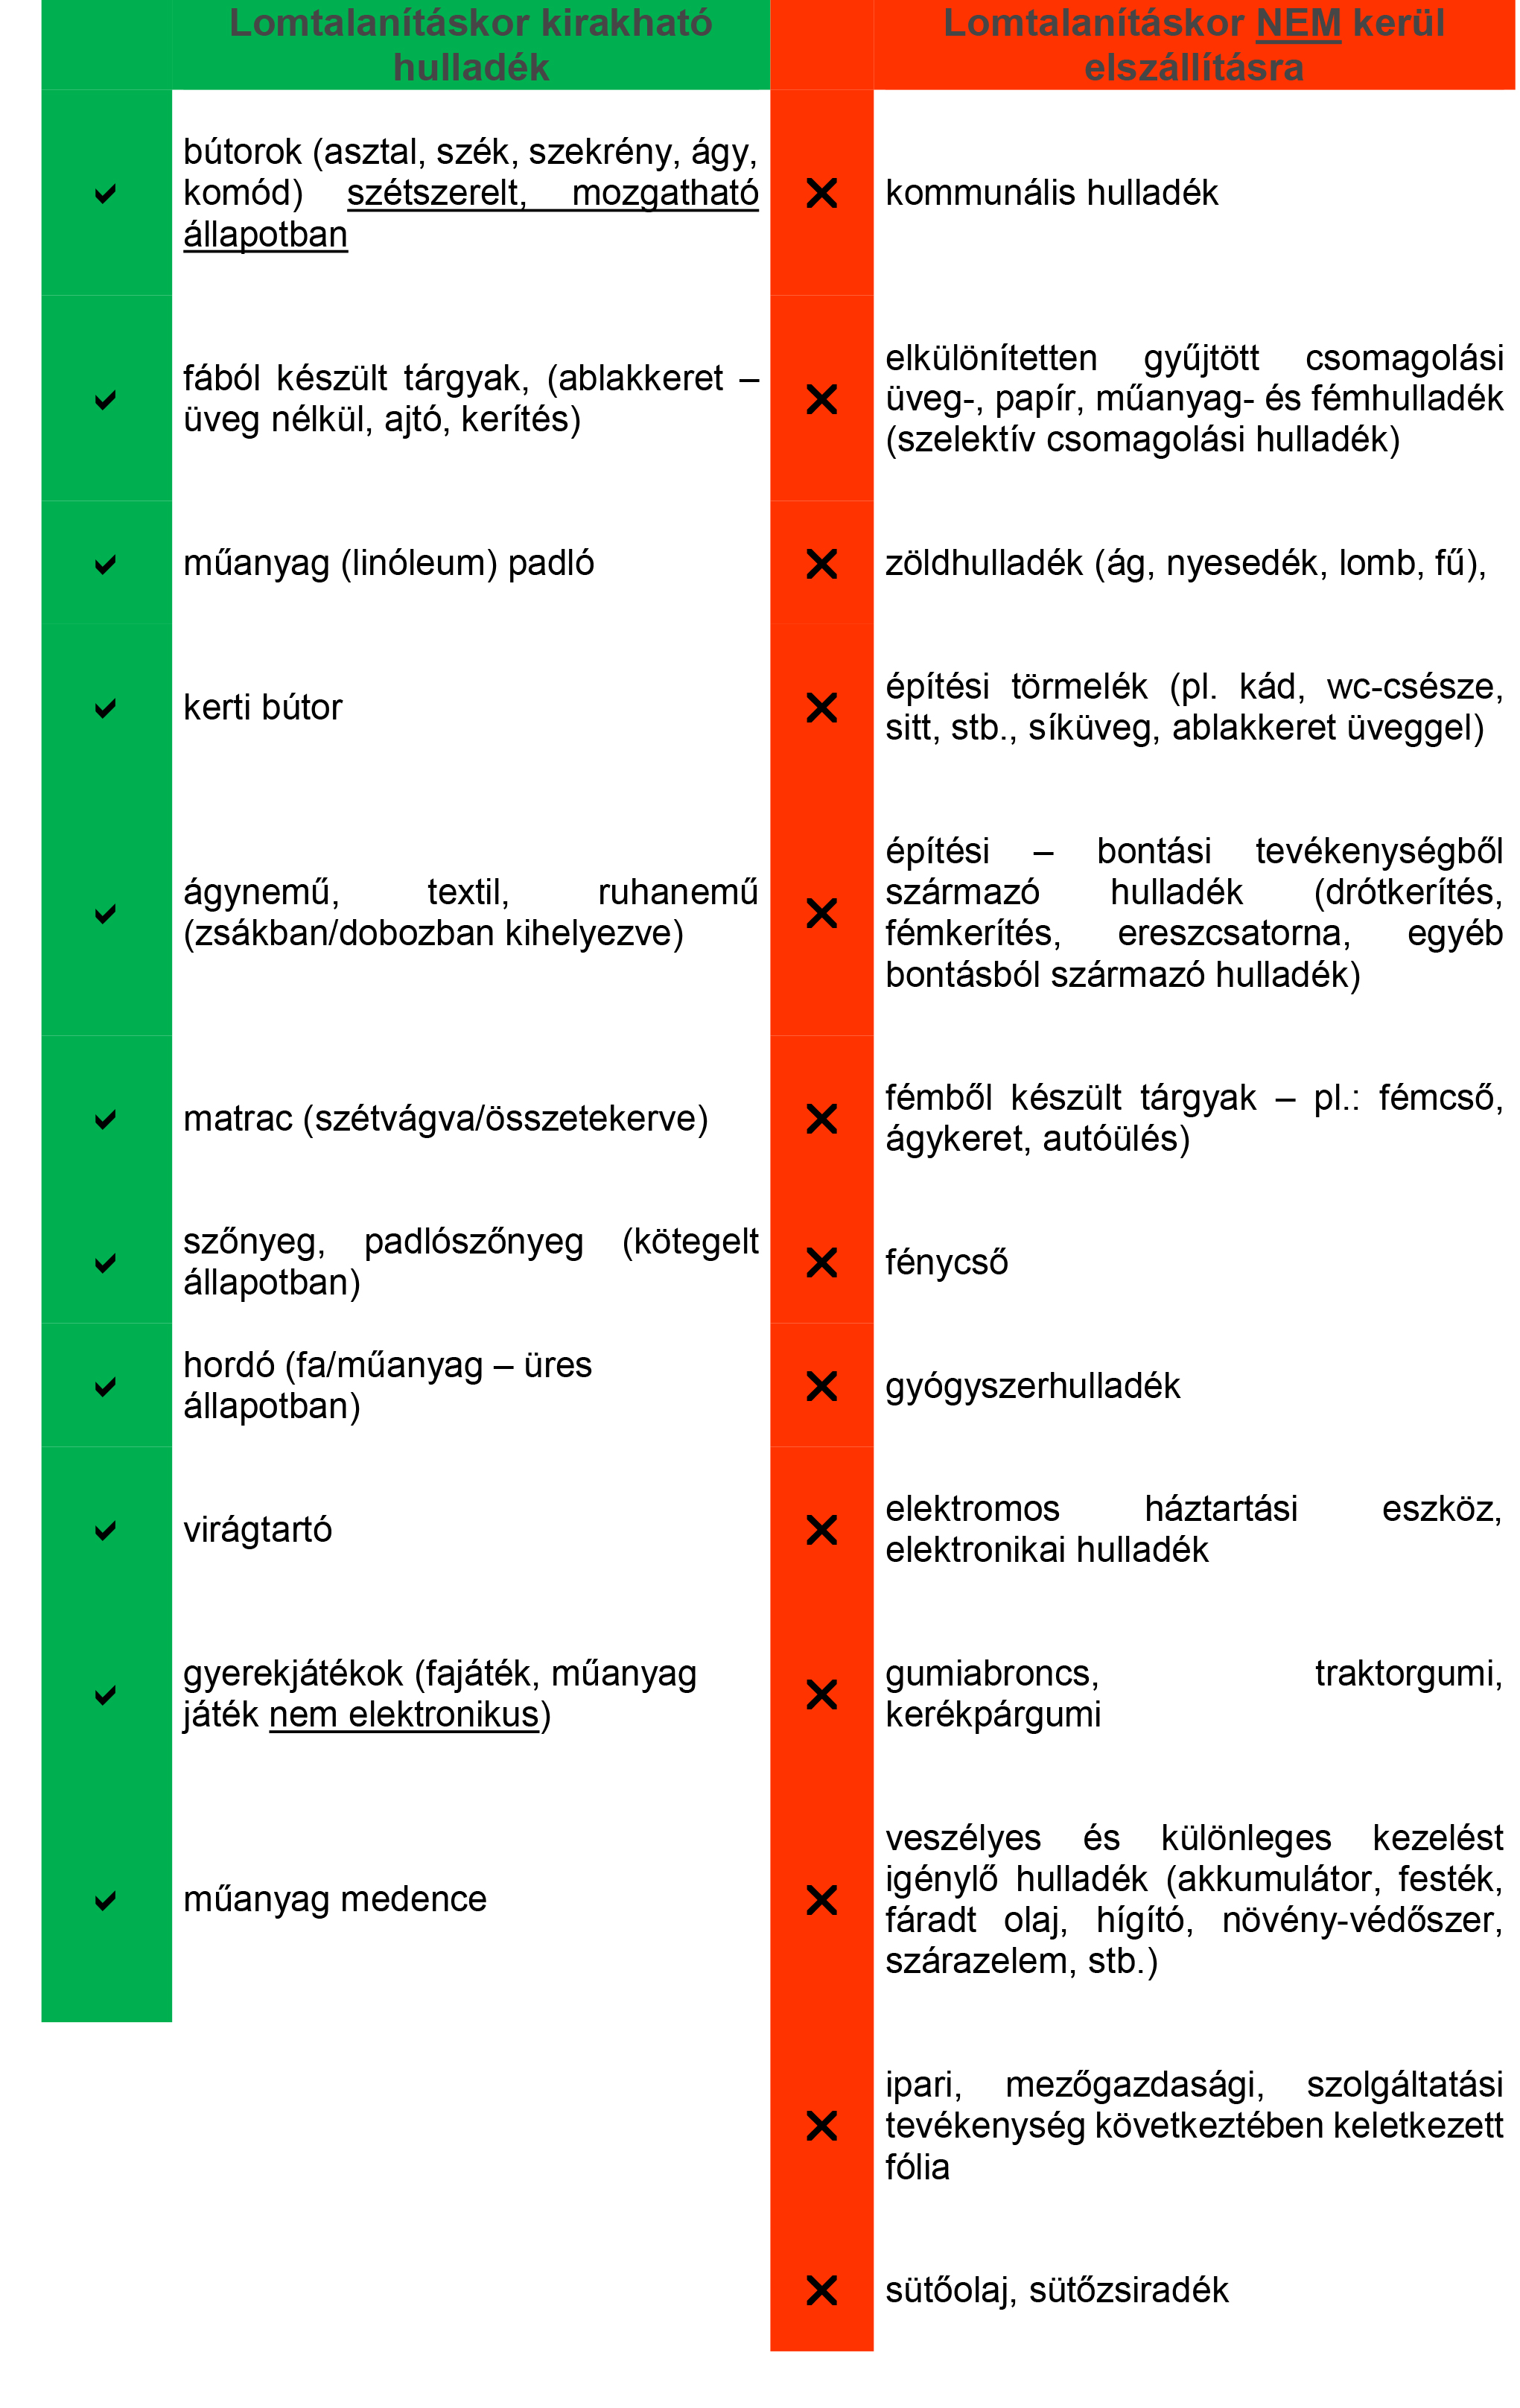 Lomtalanítás Nagyszénáson, 09.-2